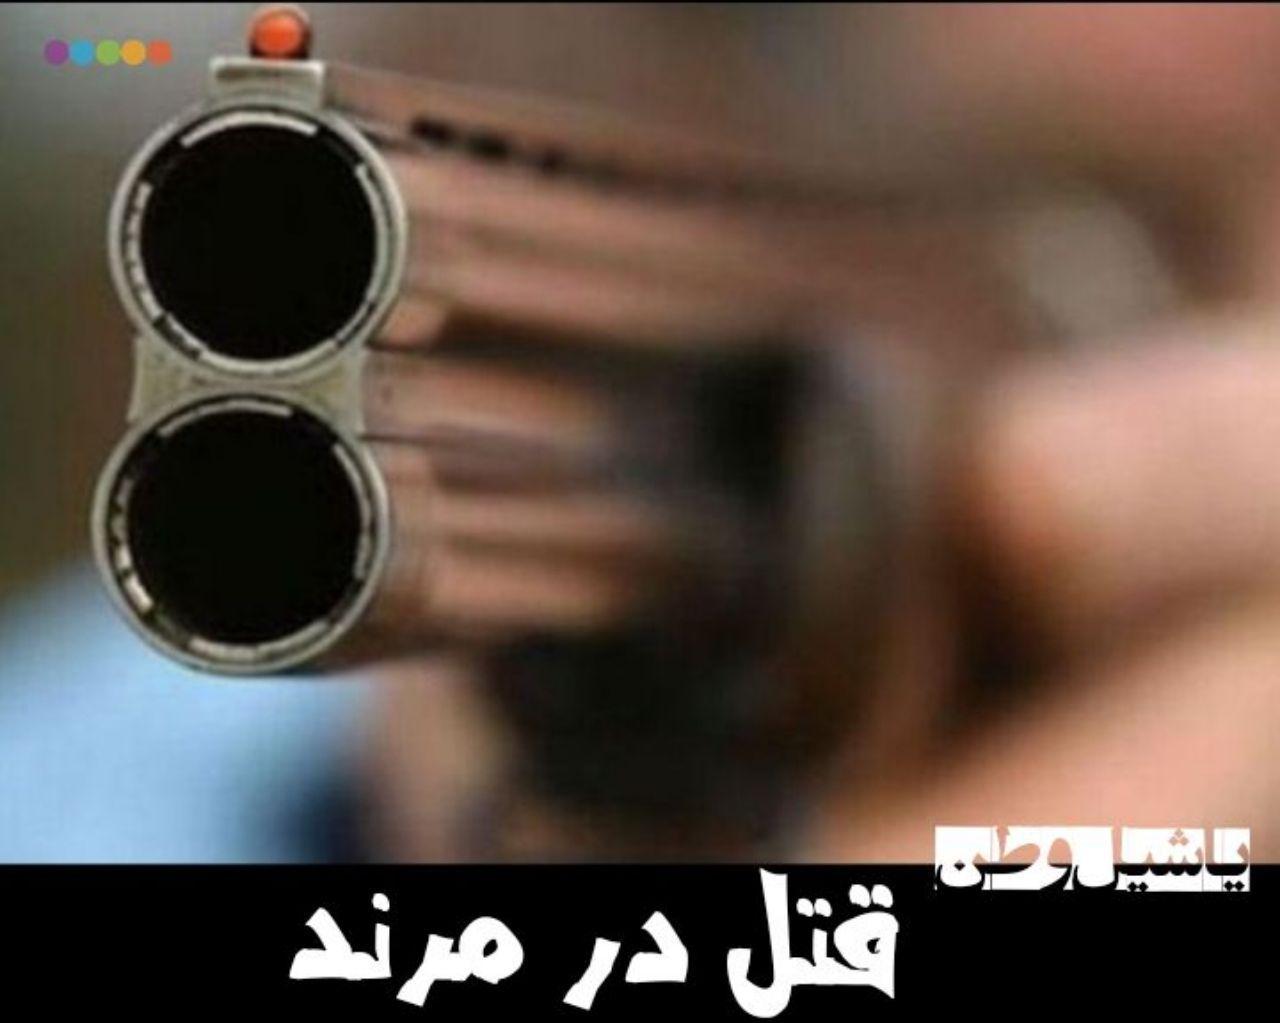 قتل شوهر در مرند توسط همسر جوان